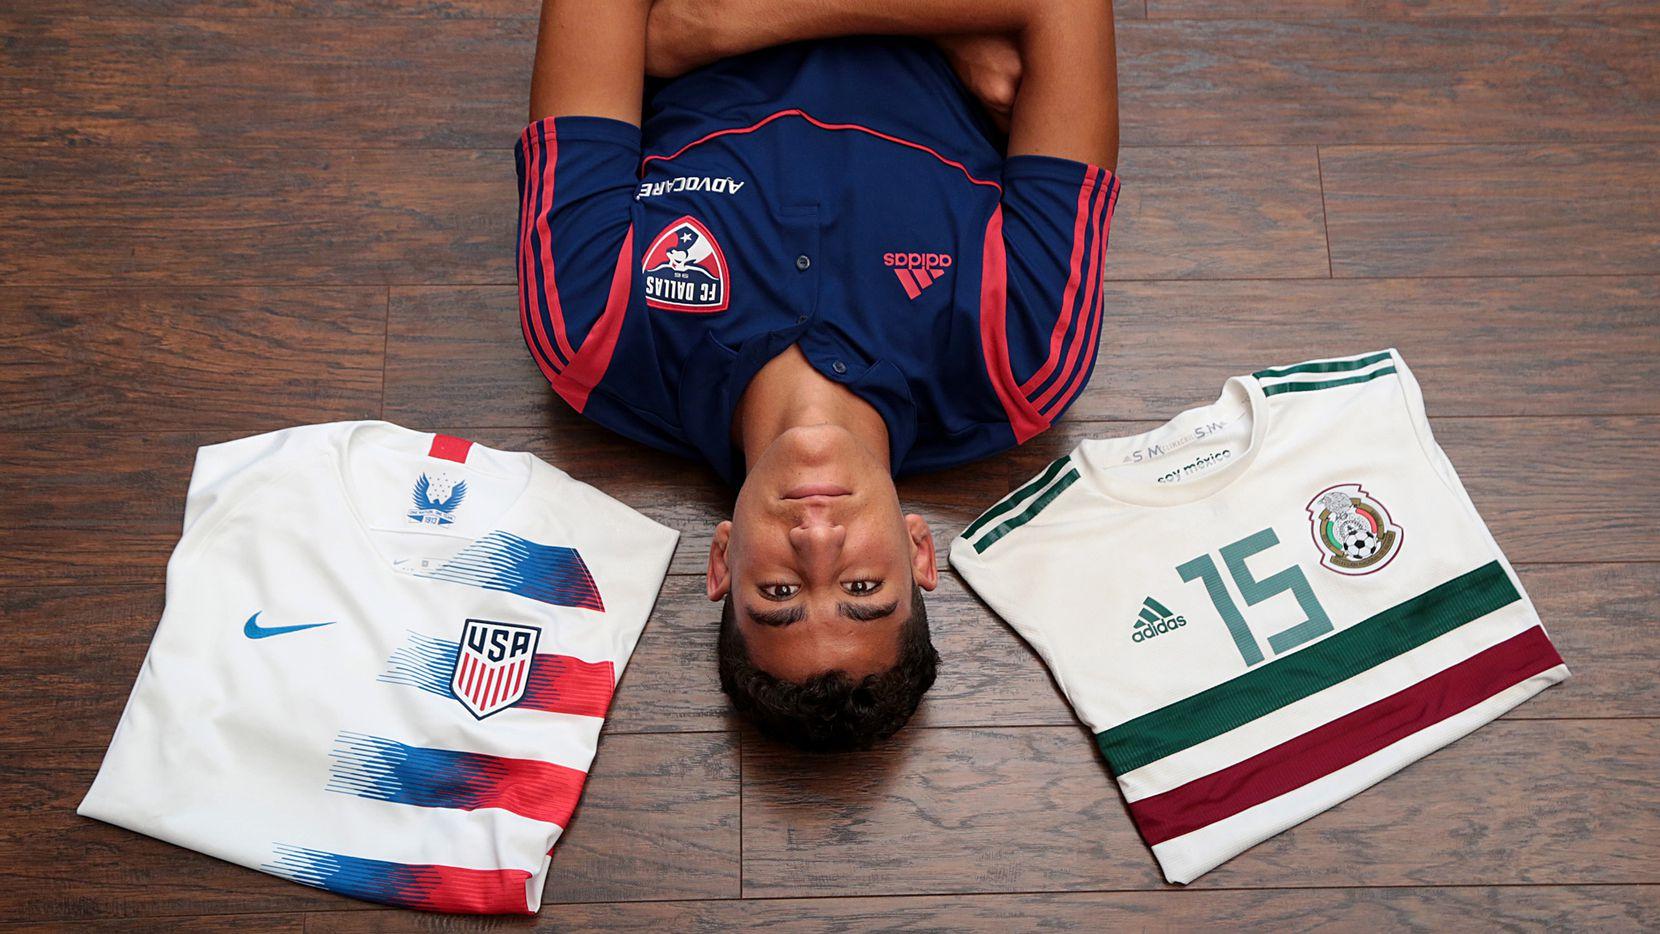 Nicolás Carrera, de 17 años y quien reside en Frisco, debe tomar una decisión: jugar con la selección de México o con la de Estados Unidos.